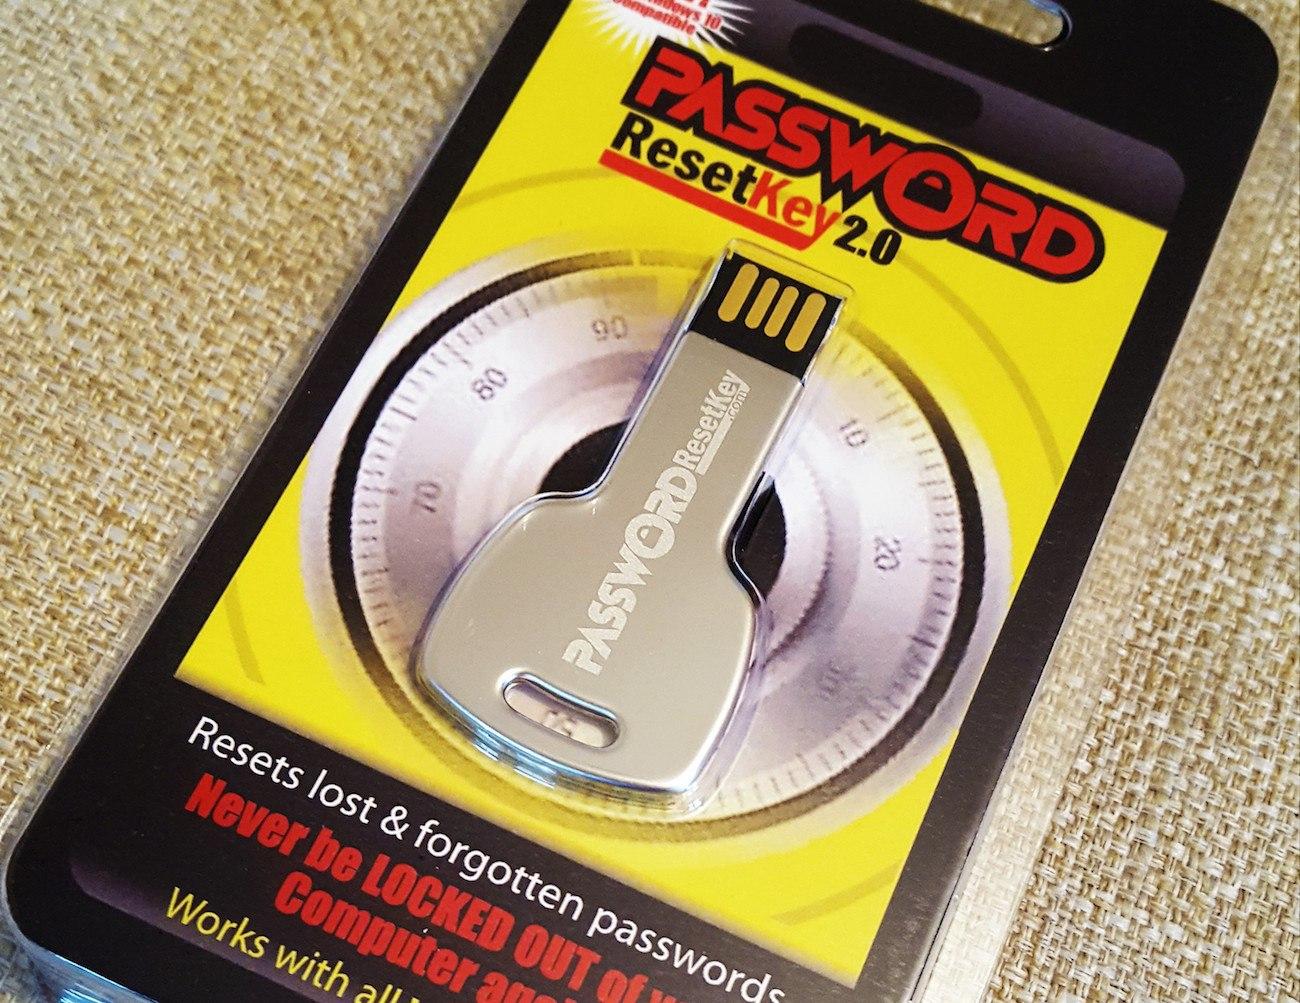 Password Reset Key 2.0 » Gadget Flow